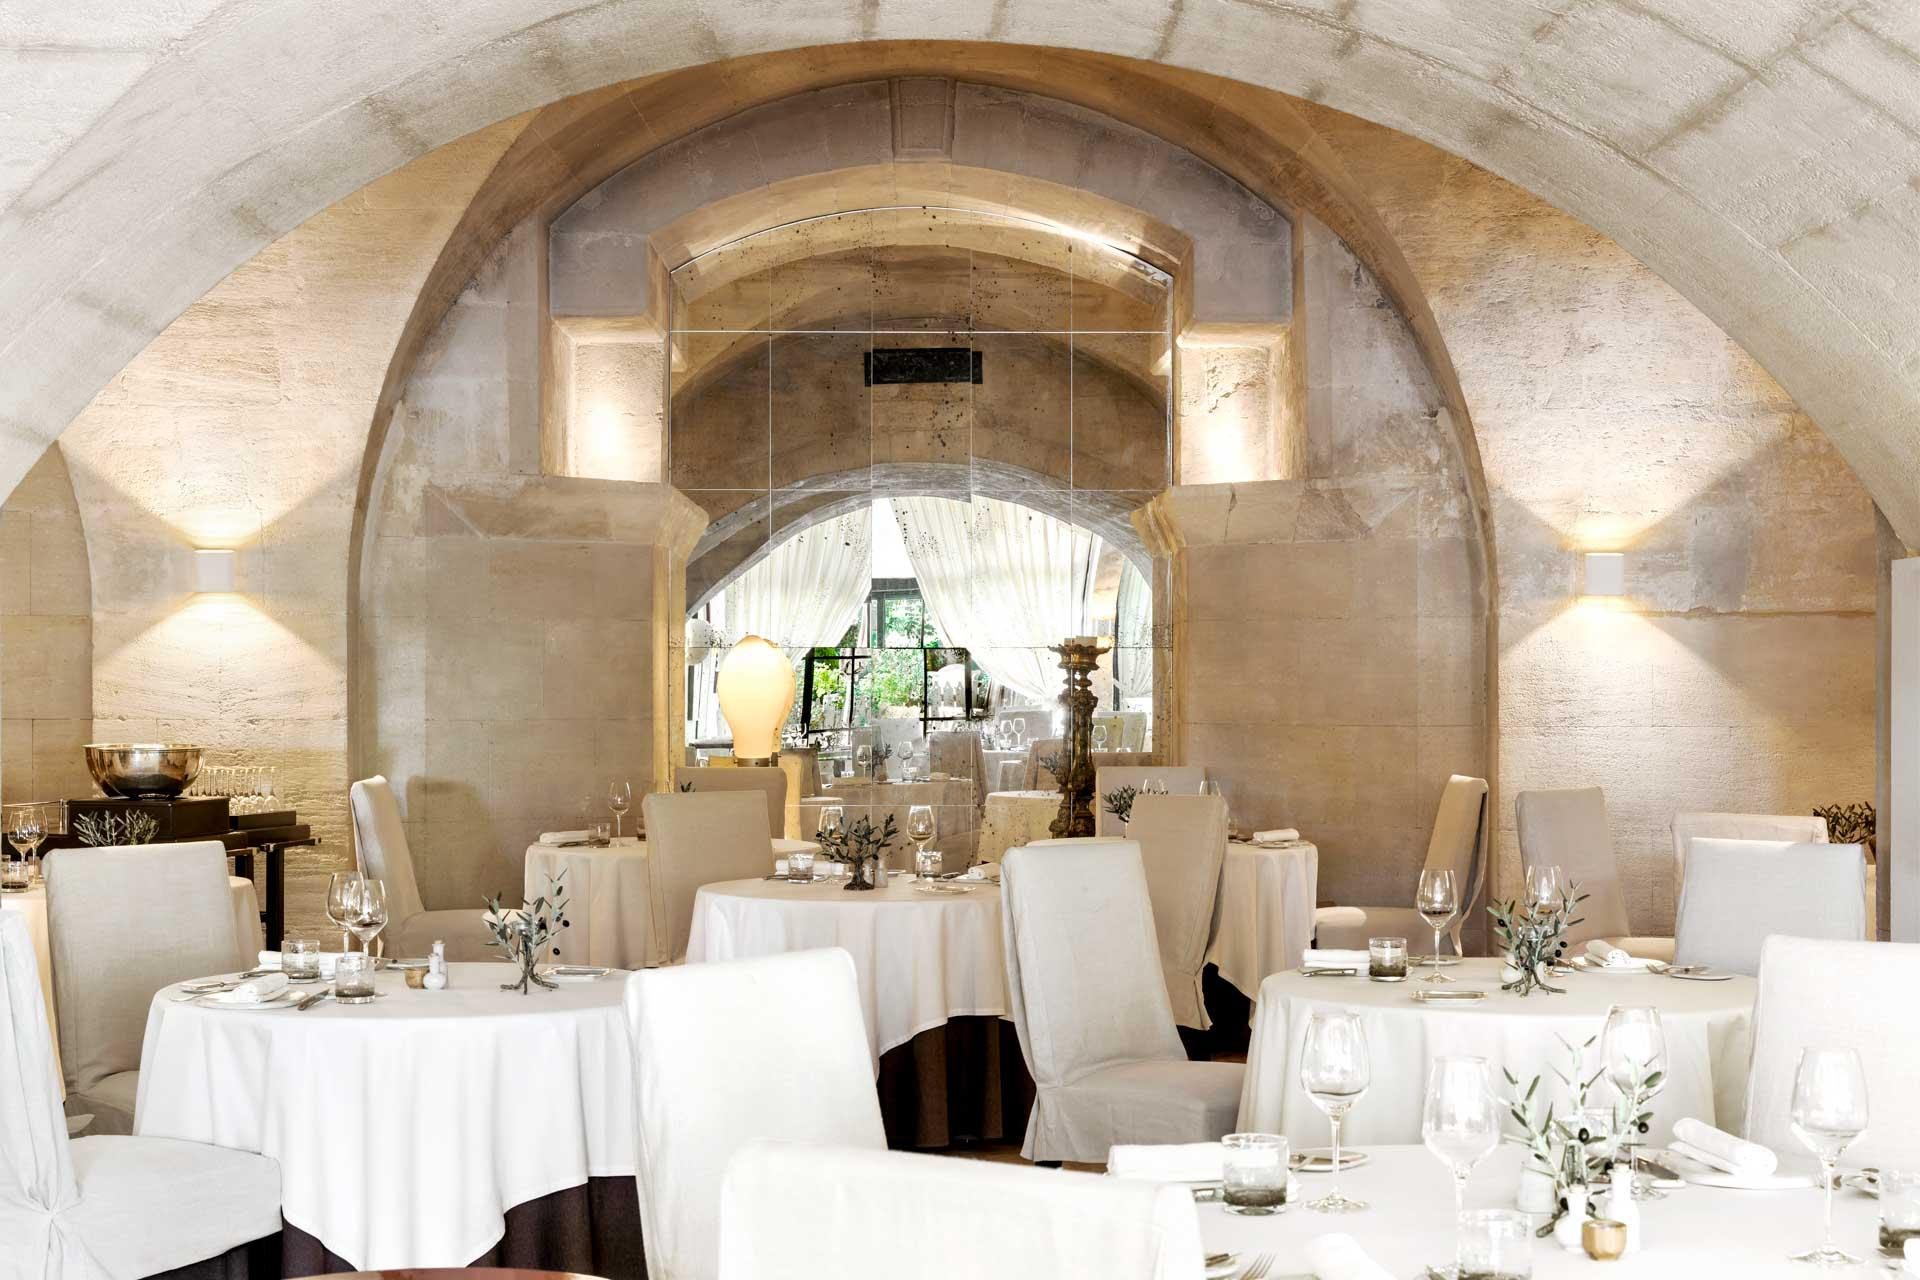 Le restaurant l'Oustau sous ses belles voûtes en pierre beige © G. Voinot